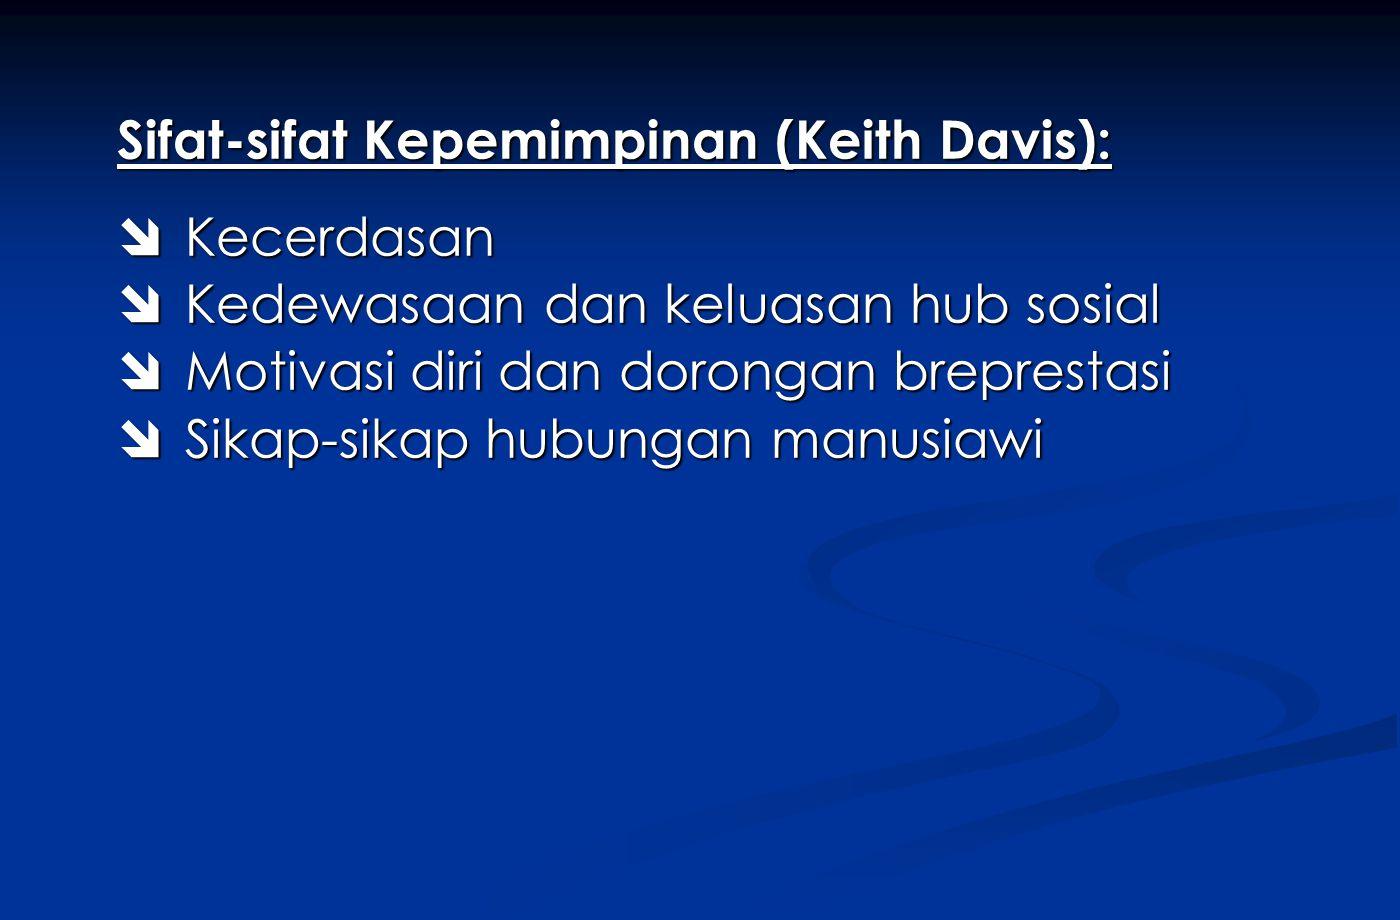 Sifat-sifat Kepemimpinan (Keith Davis):  Kecerdasan  Kedewasaan dan keluasan hub sosial  Motivasi diri dan dorongan breprestasi  Sikap-sikap hubun